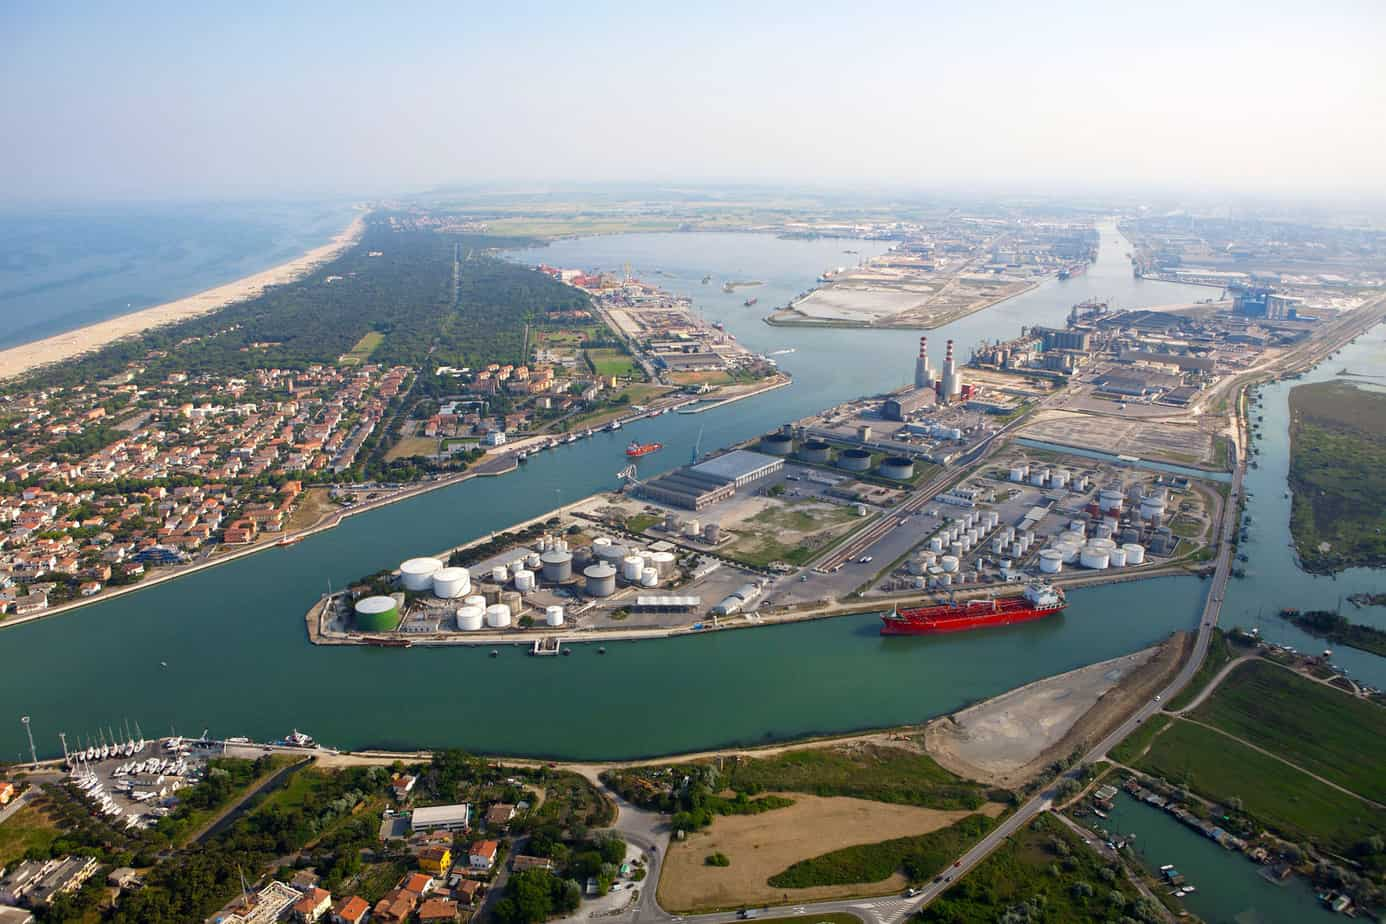 L'imbocco del porto canale di Ravenna: sullo sfondo, oltre le due ciminiere, è visibile la penisola Trattaroli